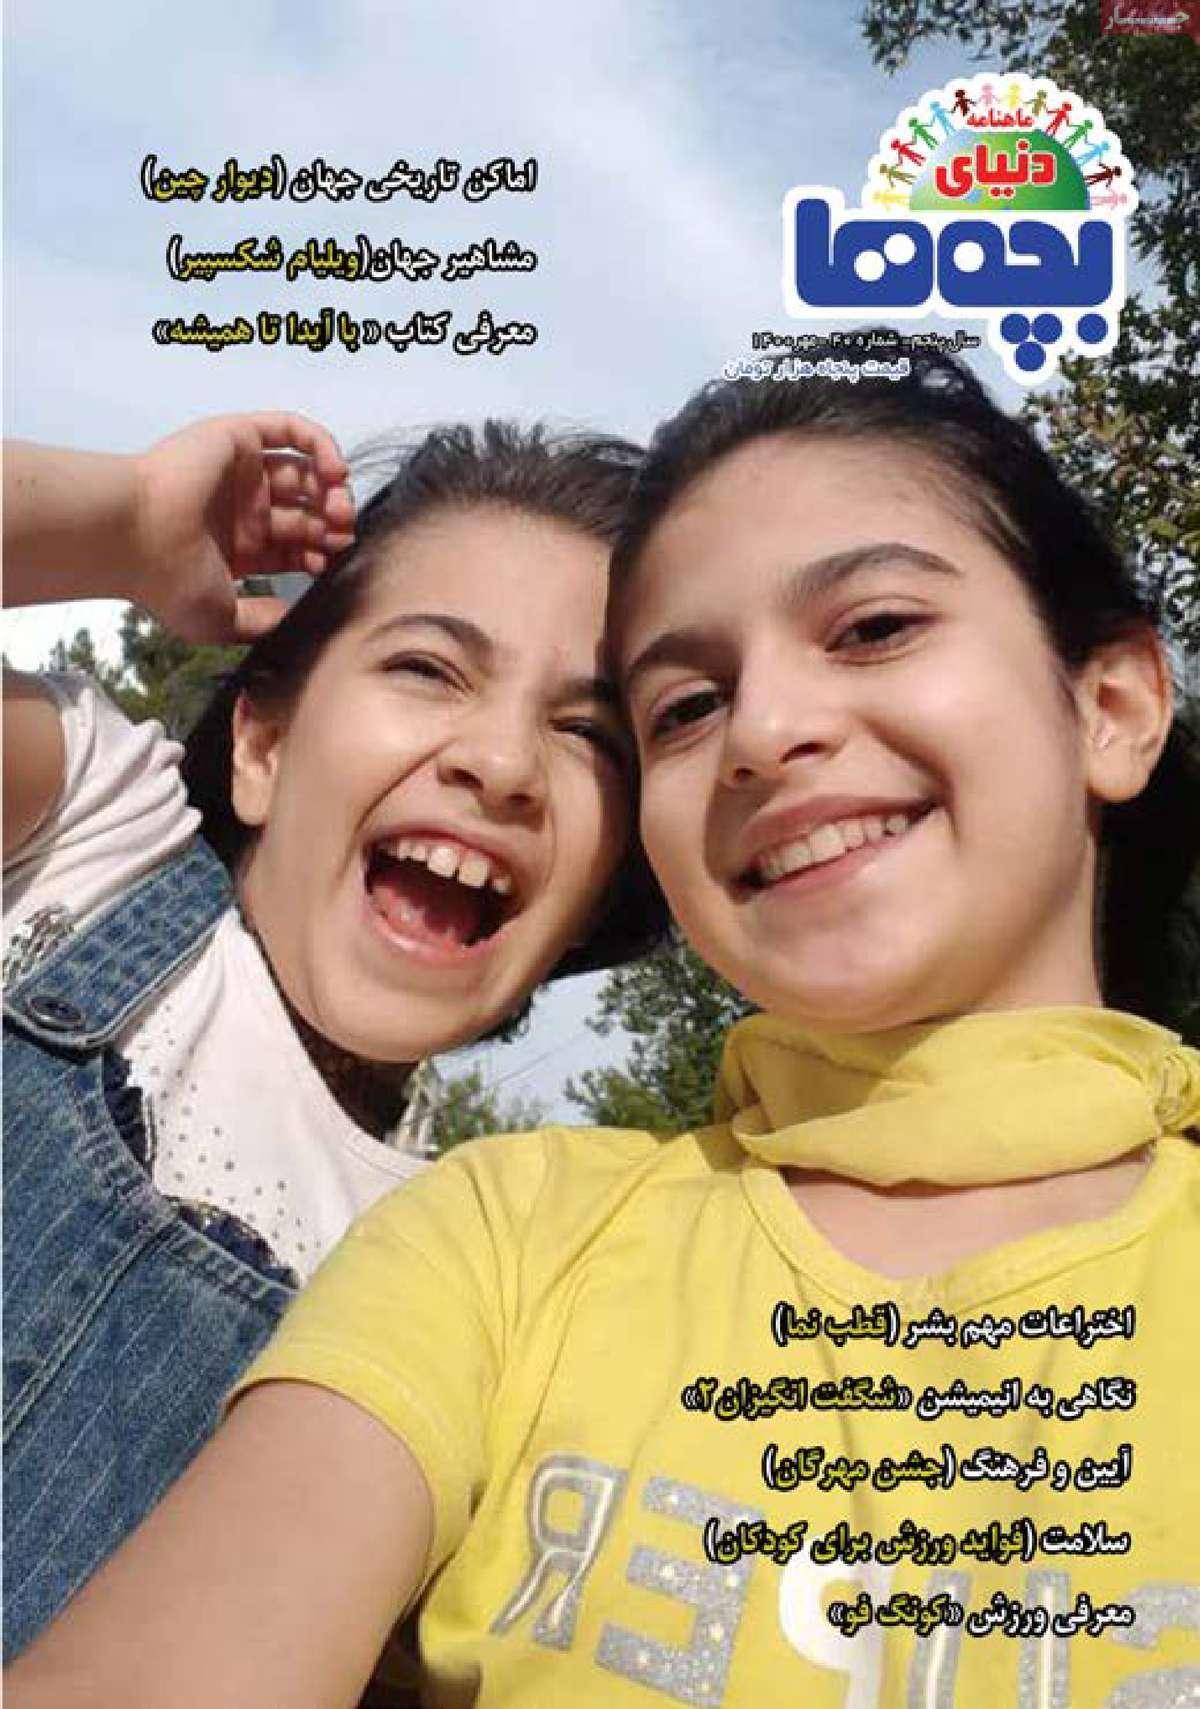 صفحه نخست مجله دنیای بچه ها - پنجشنبه, ۰۱ مهر ۱۴۰۰